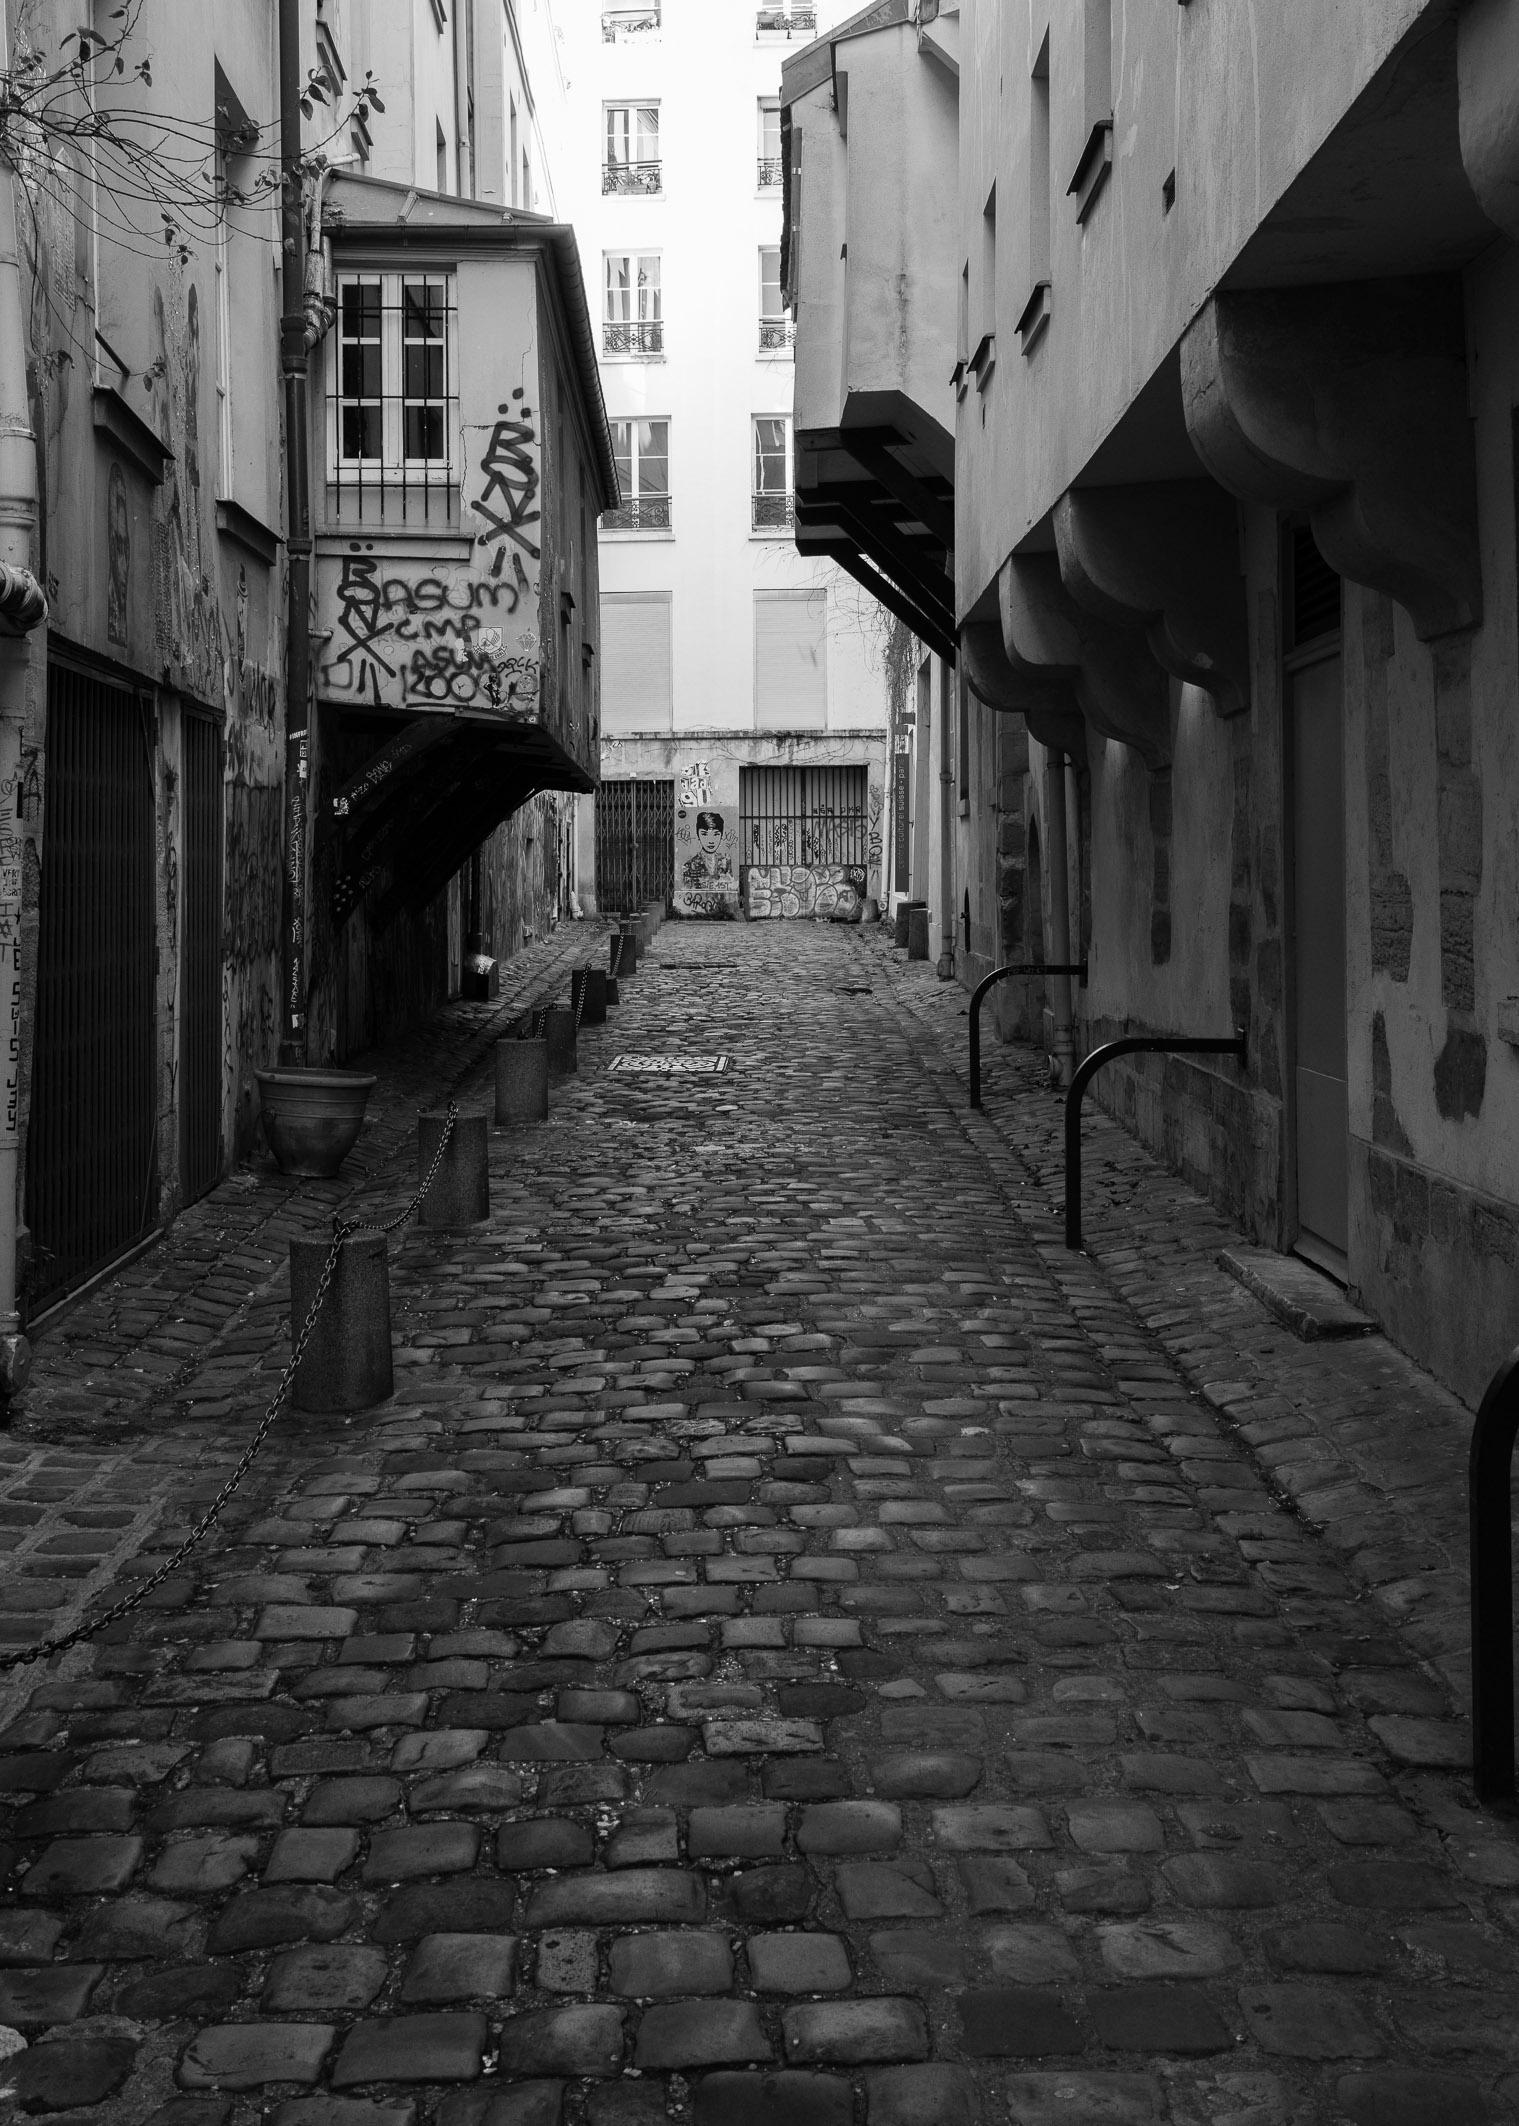 erwt paris-80.jpg